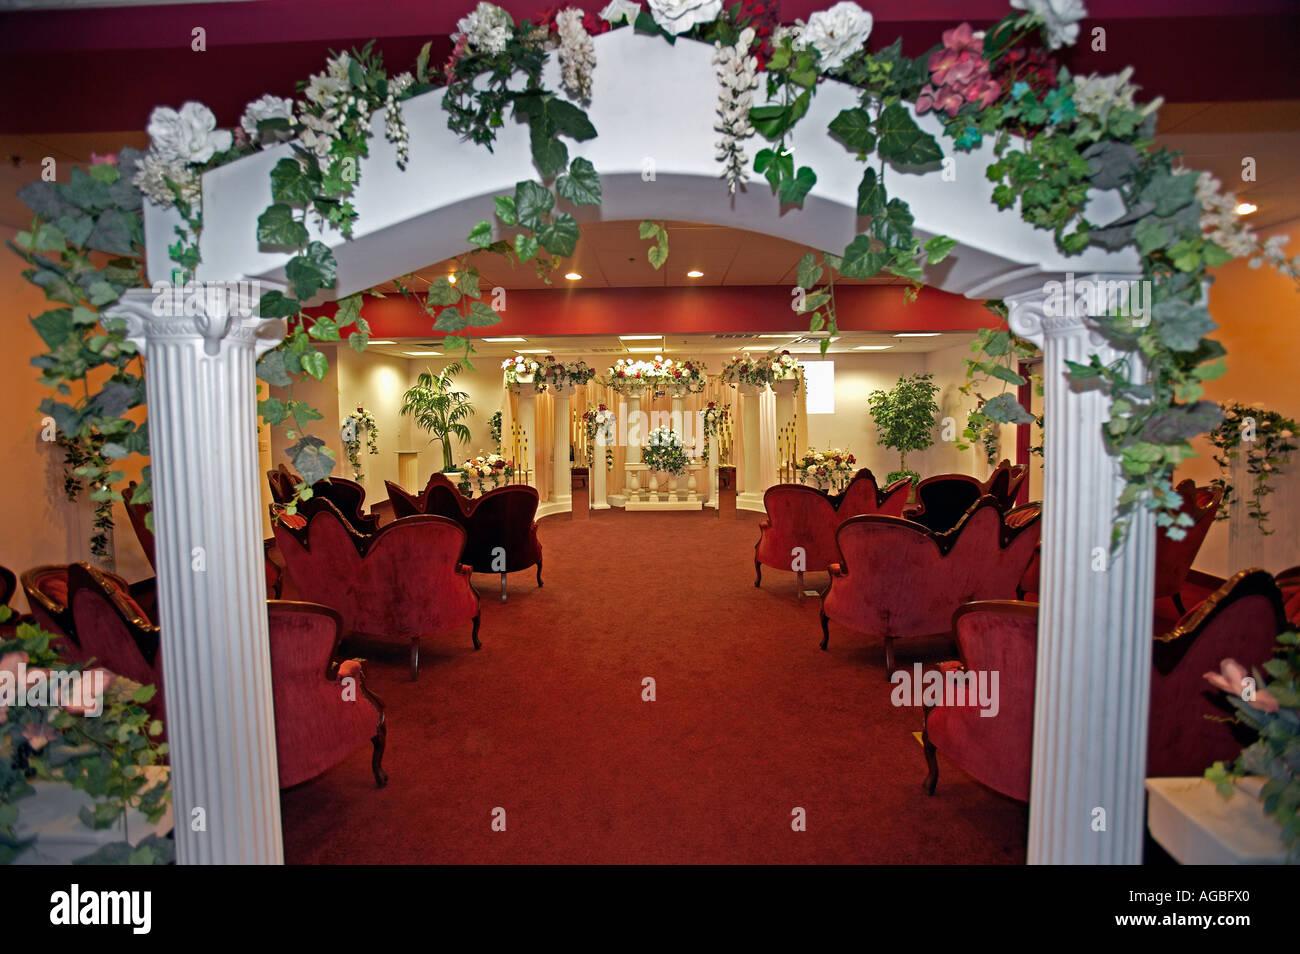 A Little White Wedding Chapel | Eine Der Kapellen An Der Beruhmten Little White Wedding Chapel Las